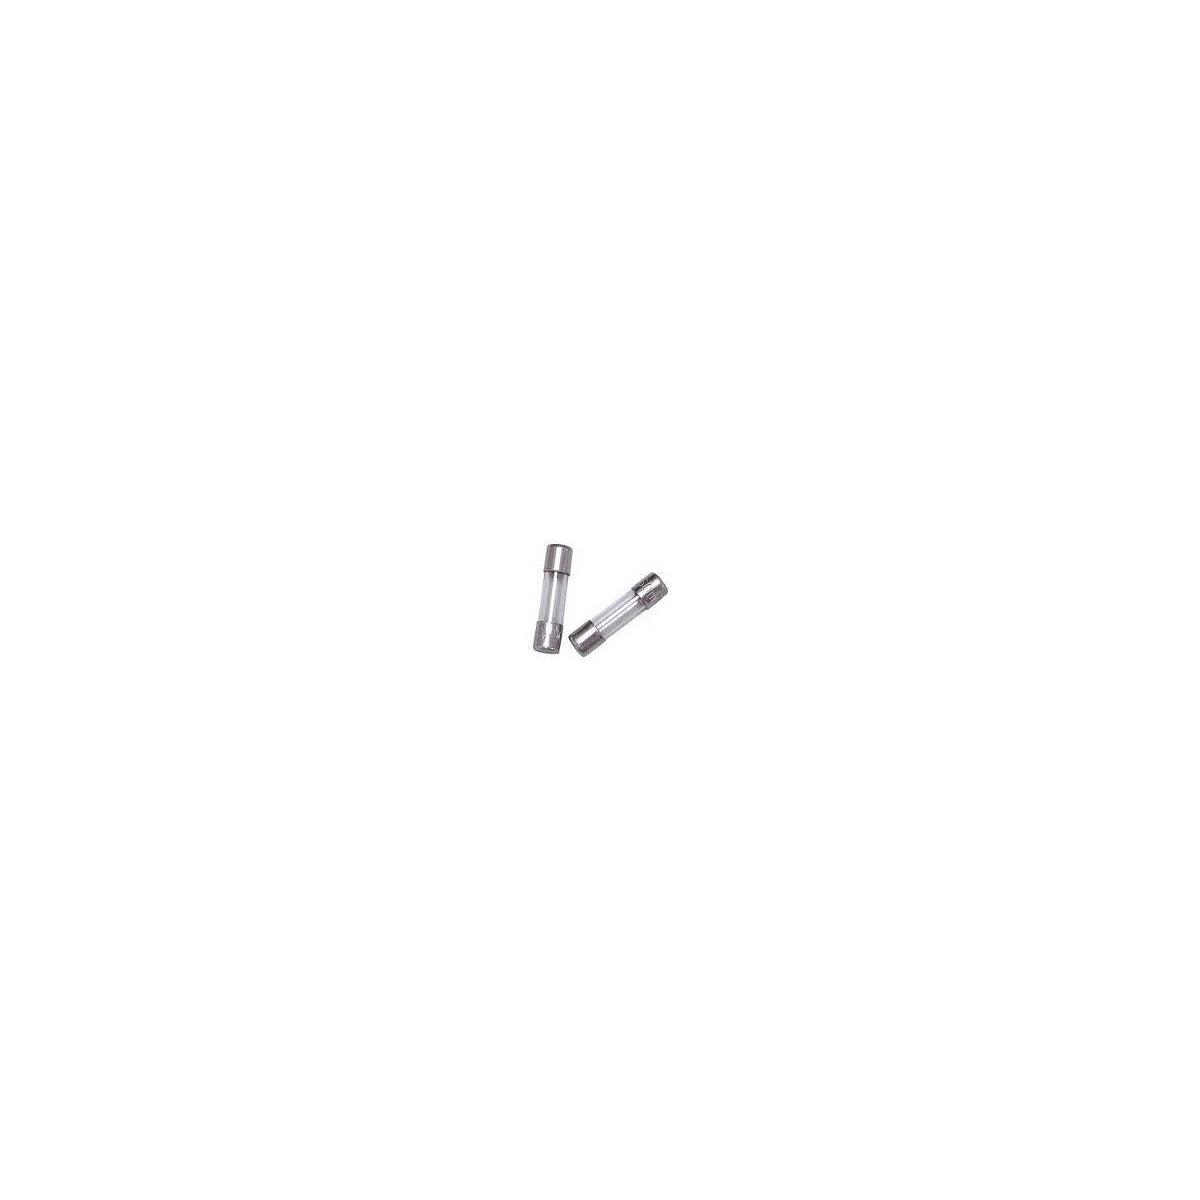 FUSIVEL - F RAPIDO 5X20MM (PACOTE COM 10 UNIDADES )-   1,5A